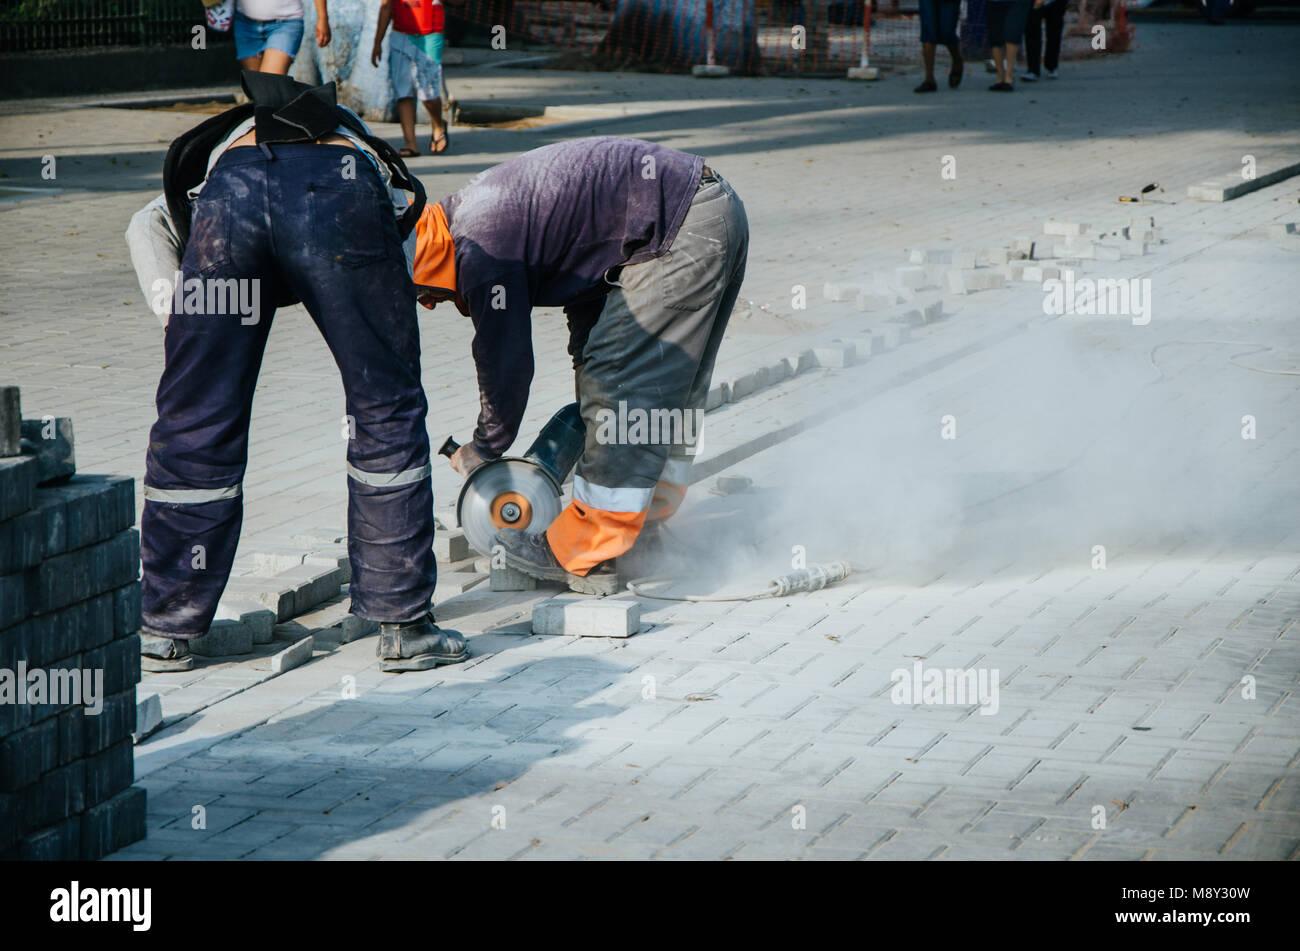 Builder of sidewalks in ravine, Lima - Peru Stock Photo